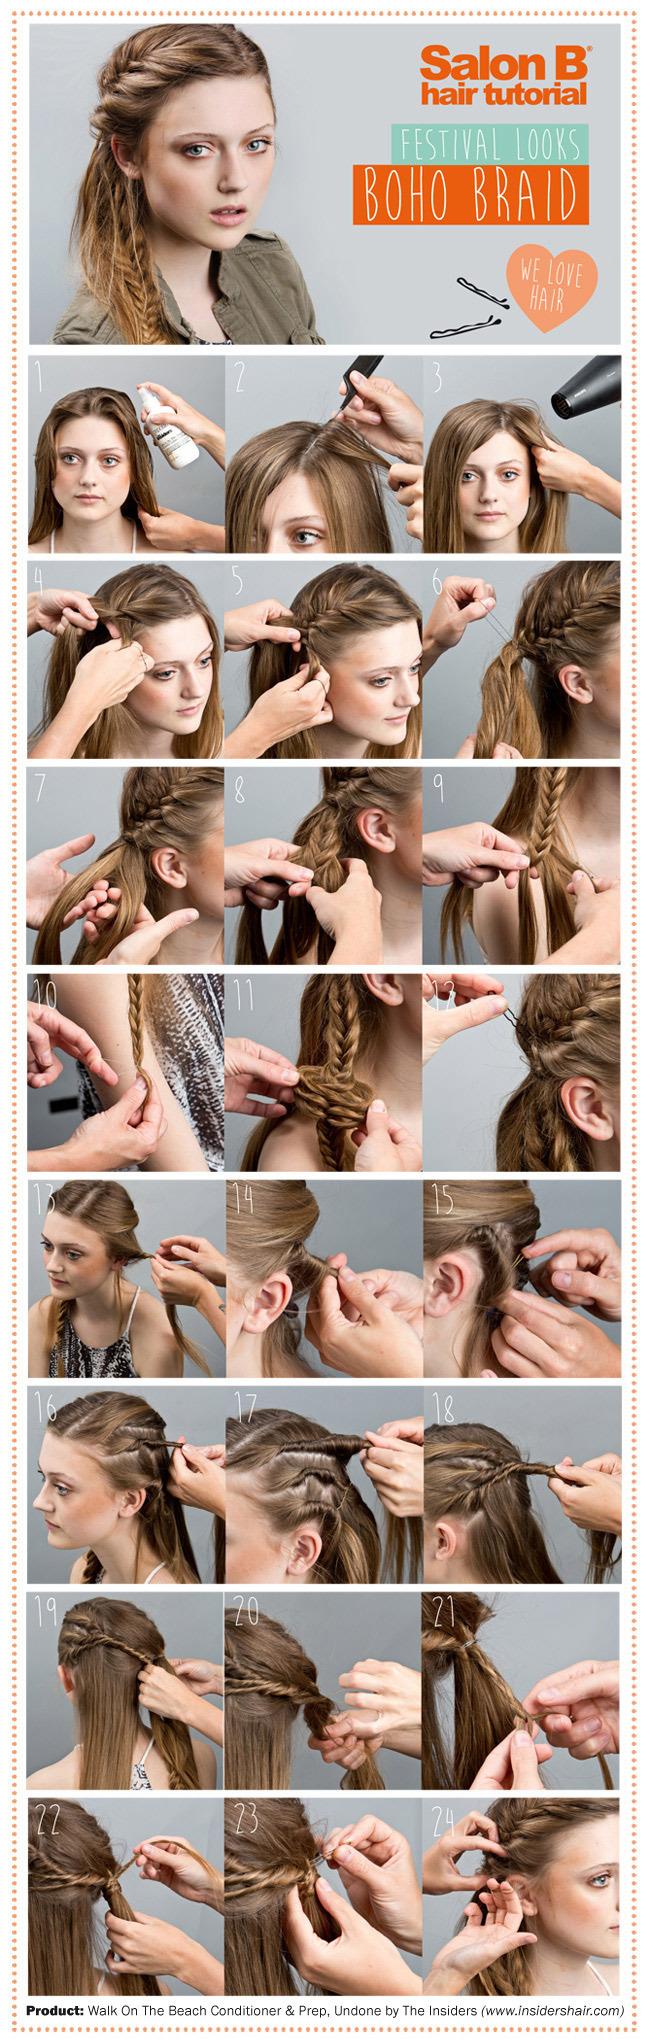 festival-hair-tutorial_boho-braid_salon-b